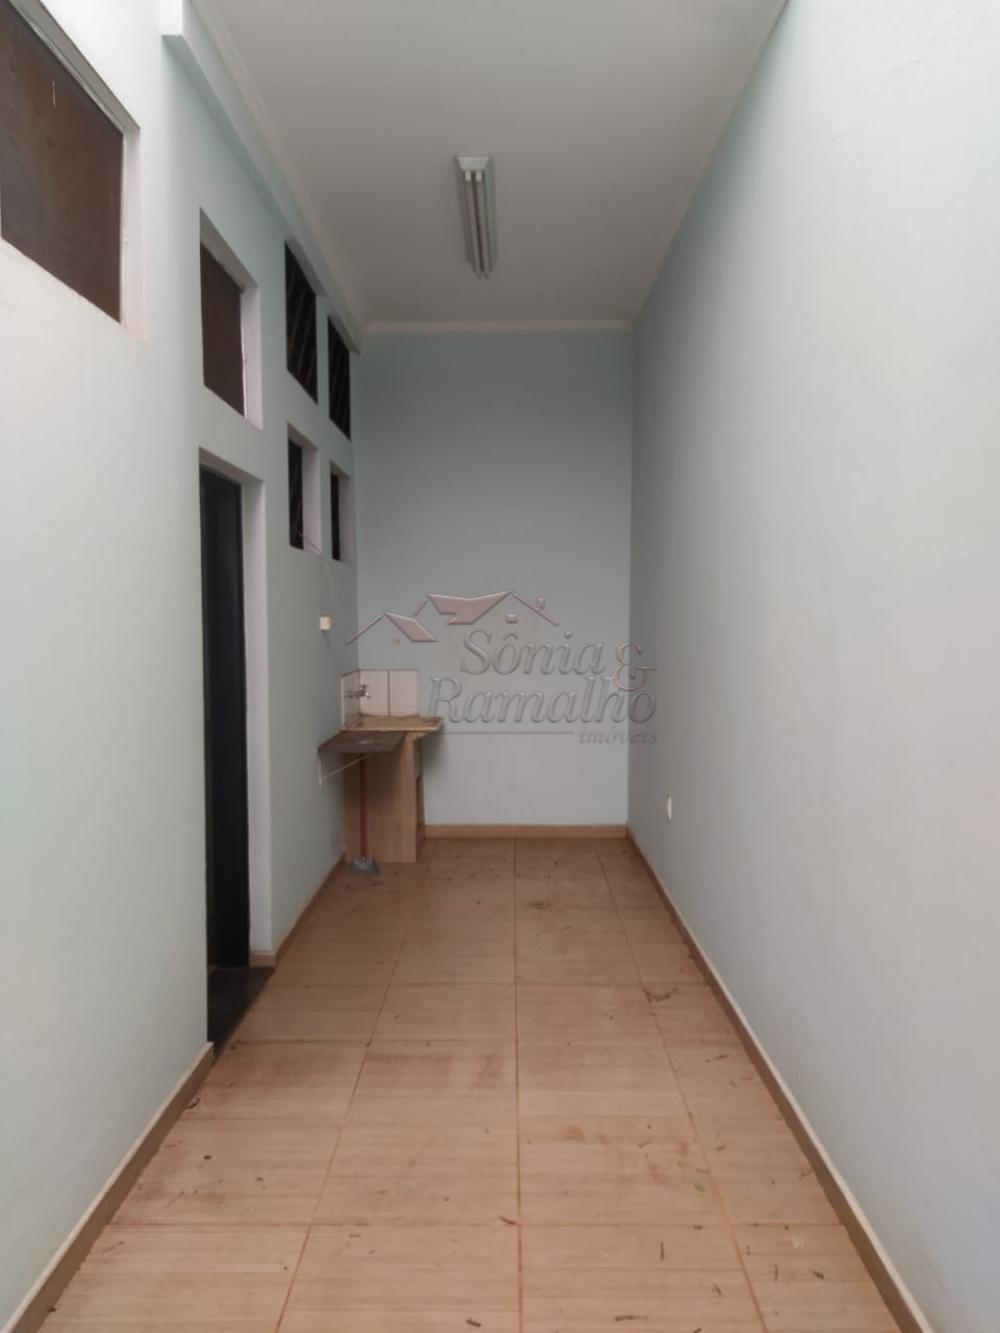 Alugar Comercial / Salão comercial em Ribeirão Preto apenas R$ 1.300,00 - Foto 21